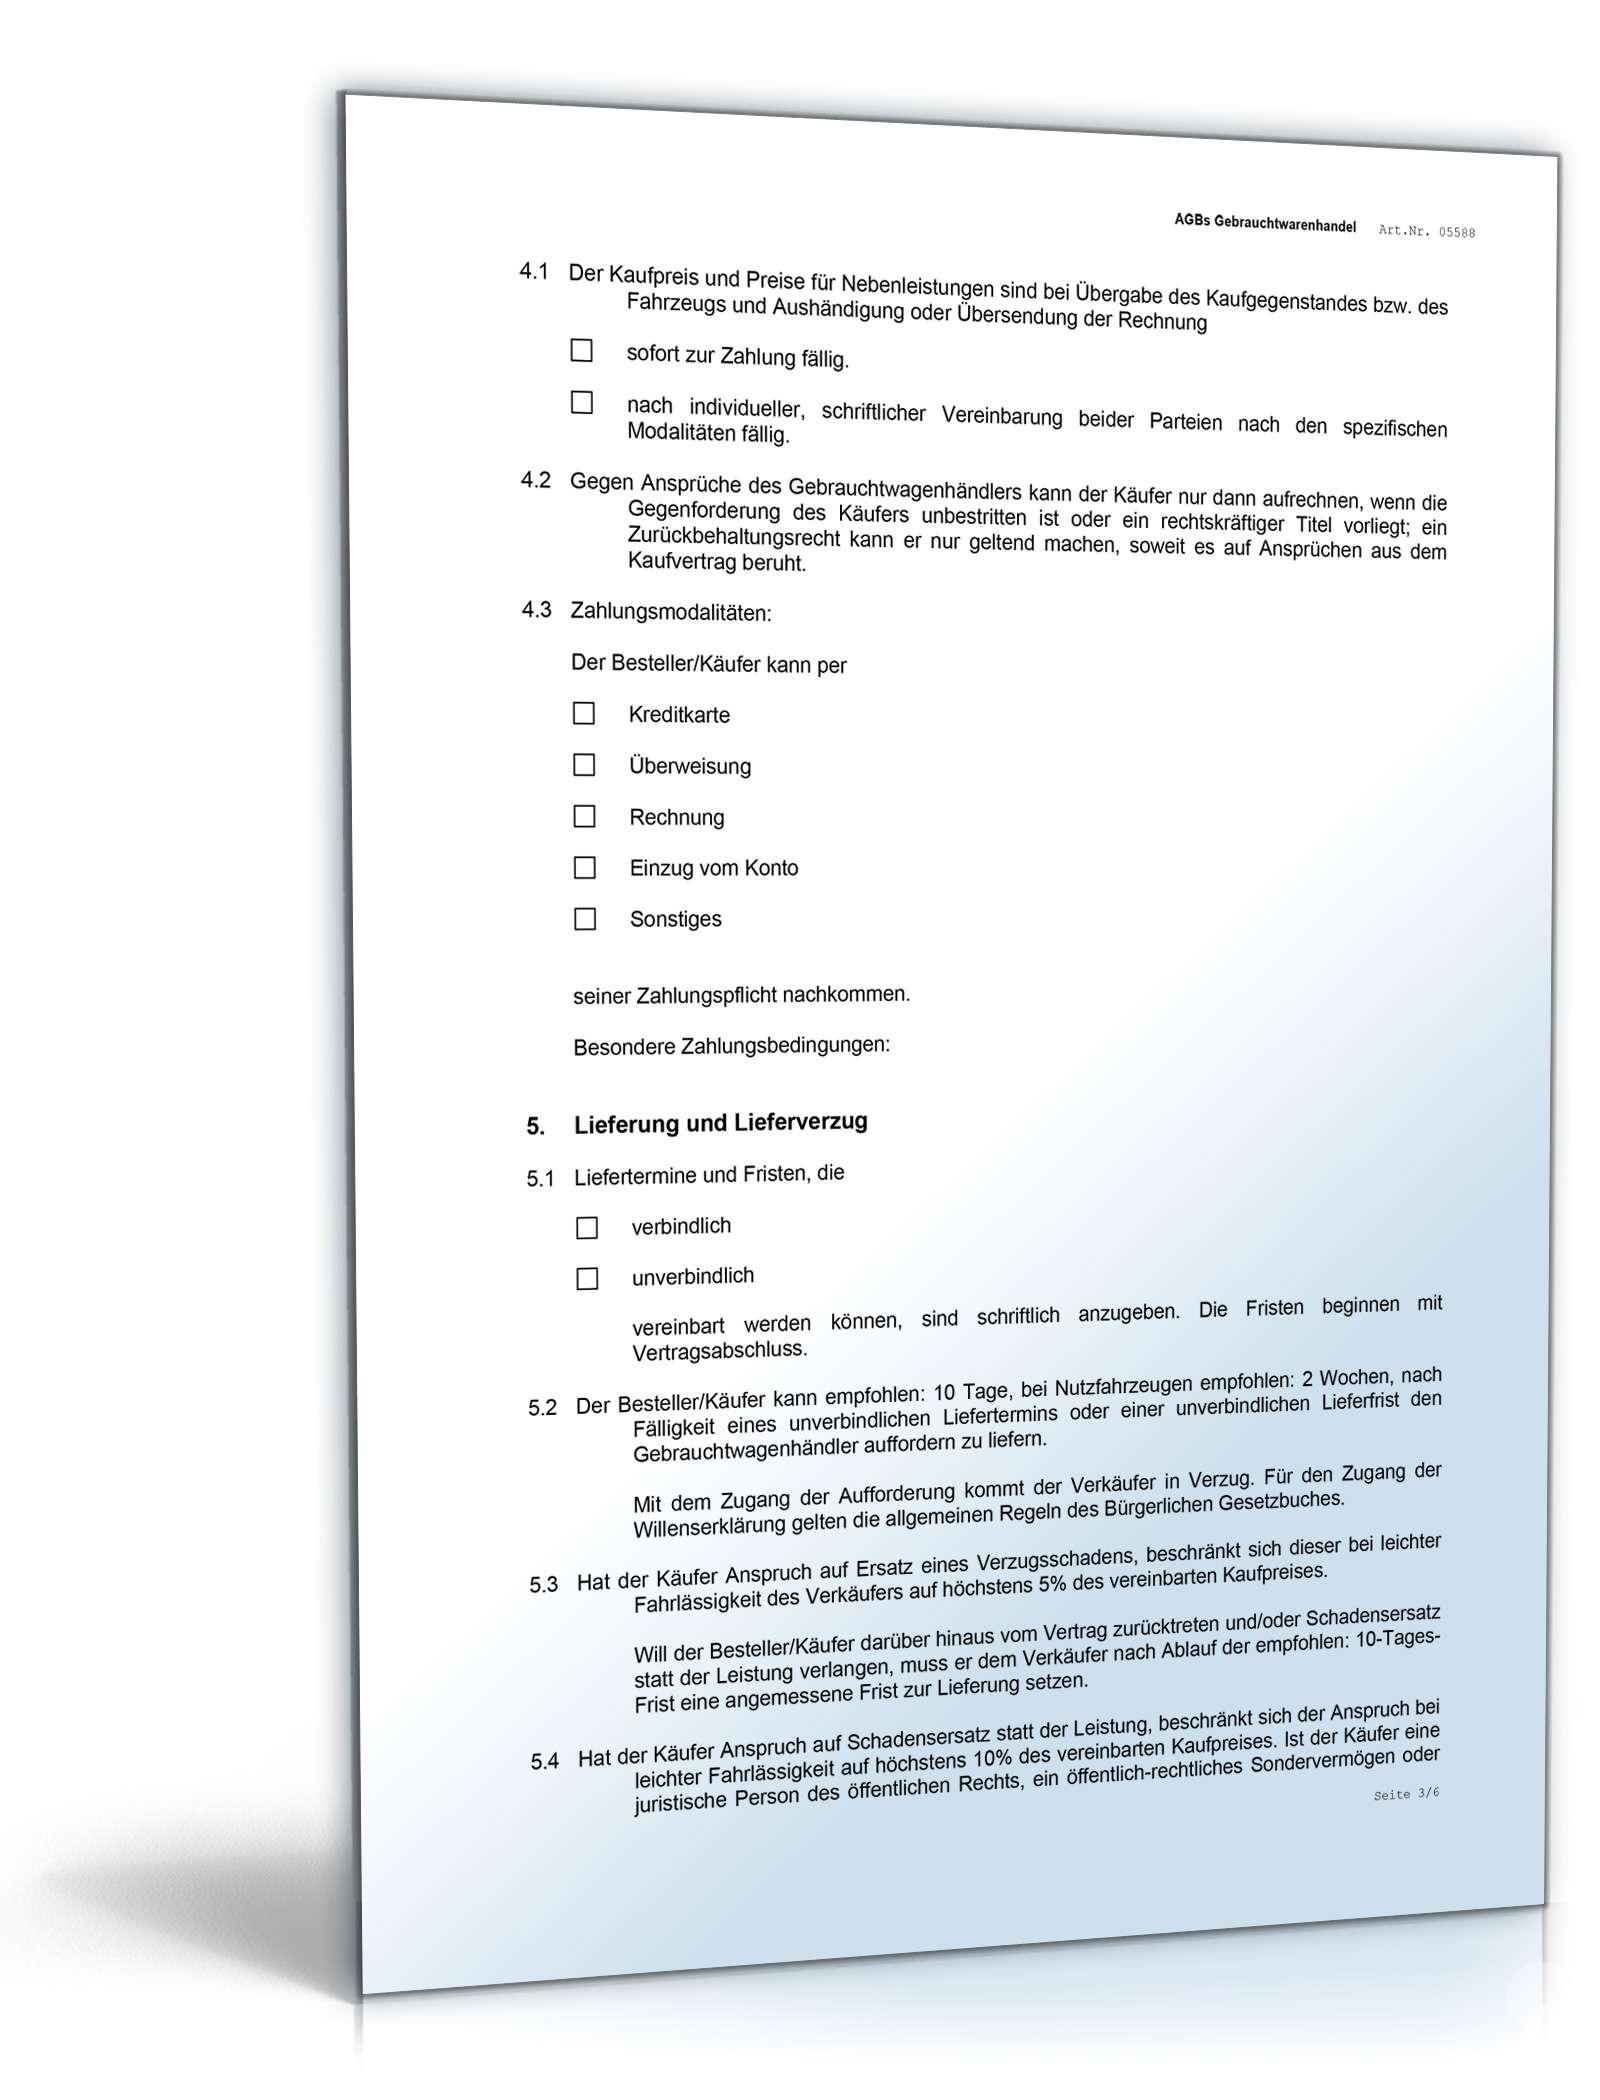 AGB Gebrauchtwagenhandel   Rechtssicheres Muster downloaden